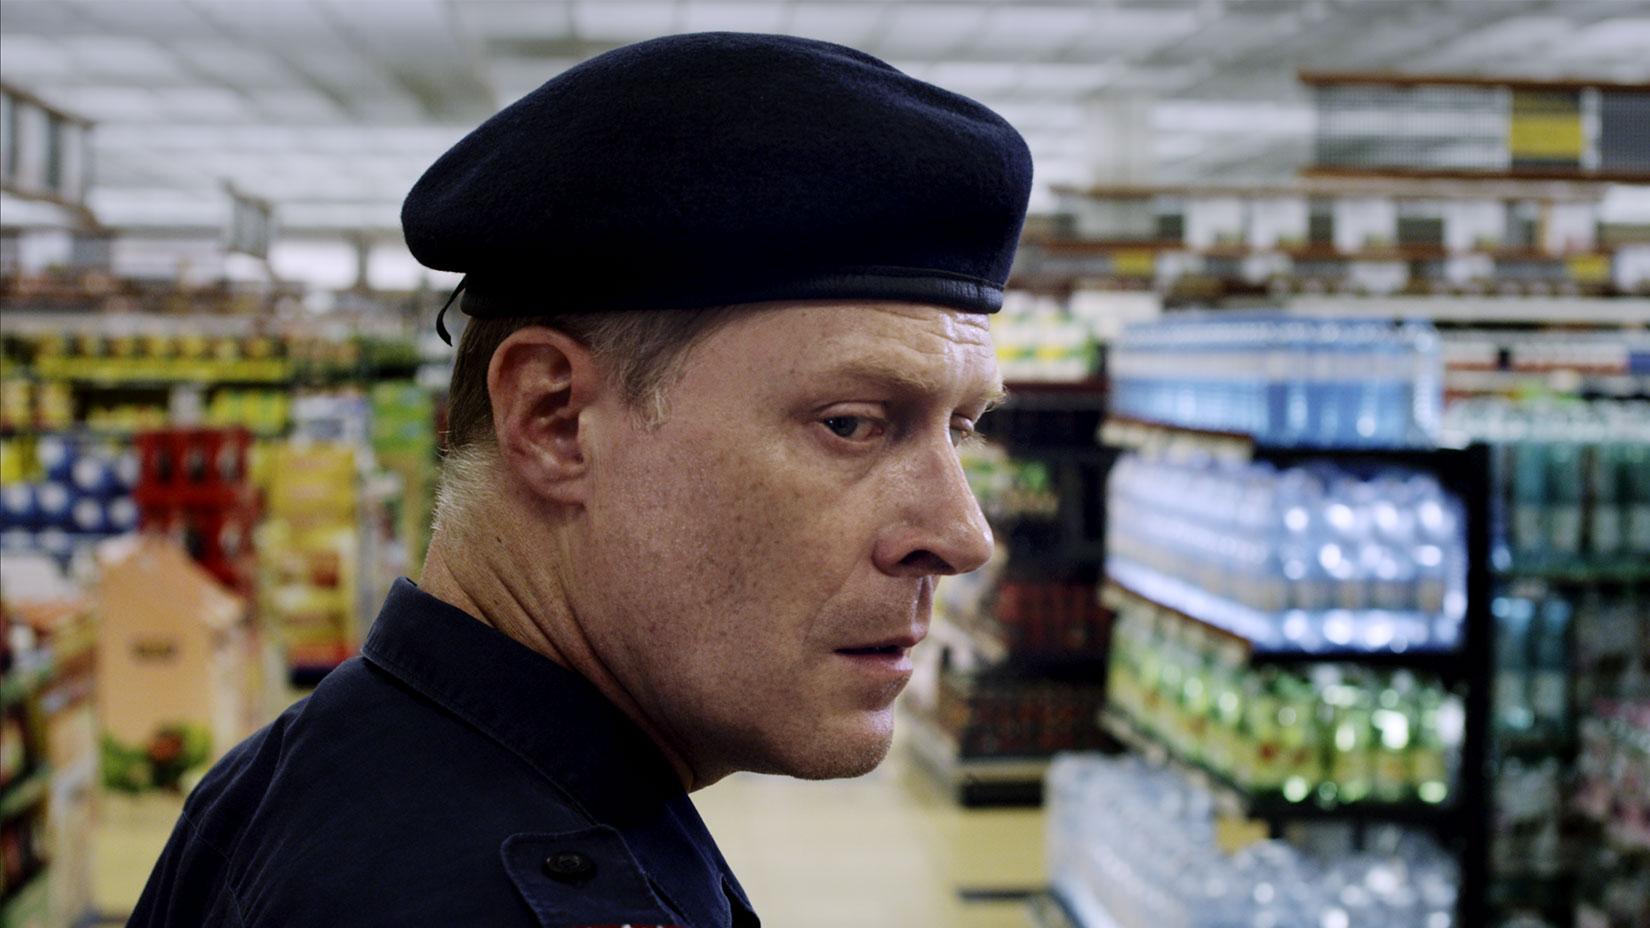 press__OneOfUs_Polizist_Werner_Supermarkt